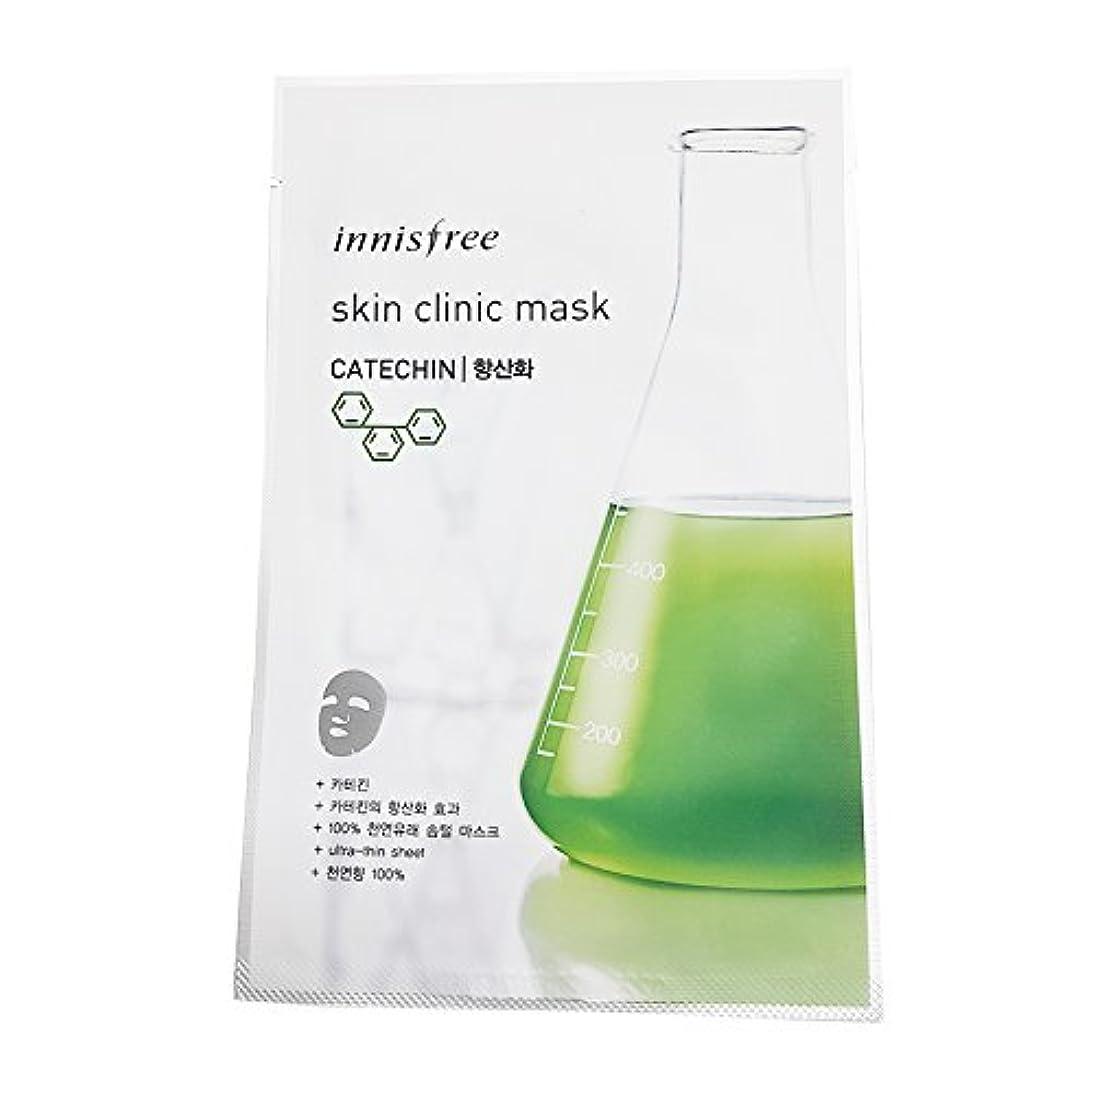 サミット見ました賢い[イニスプリー] Innisfree スキンクリニックマスク(20ml)-カテキン(抗酸化用) Innisfree Skin Clinic Mask(20ml)-Catechin for Antioxidant Effect...